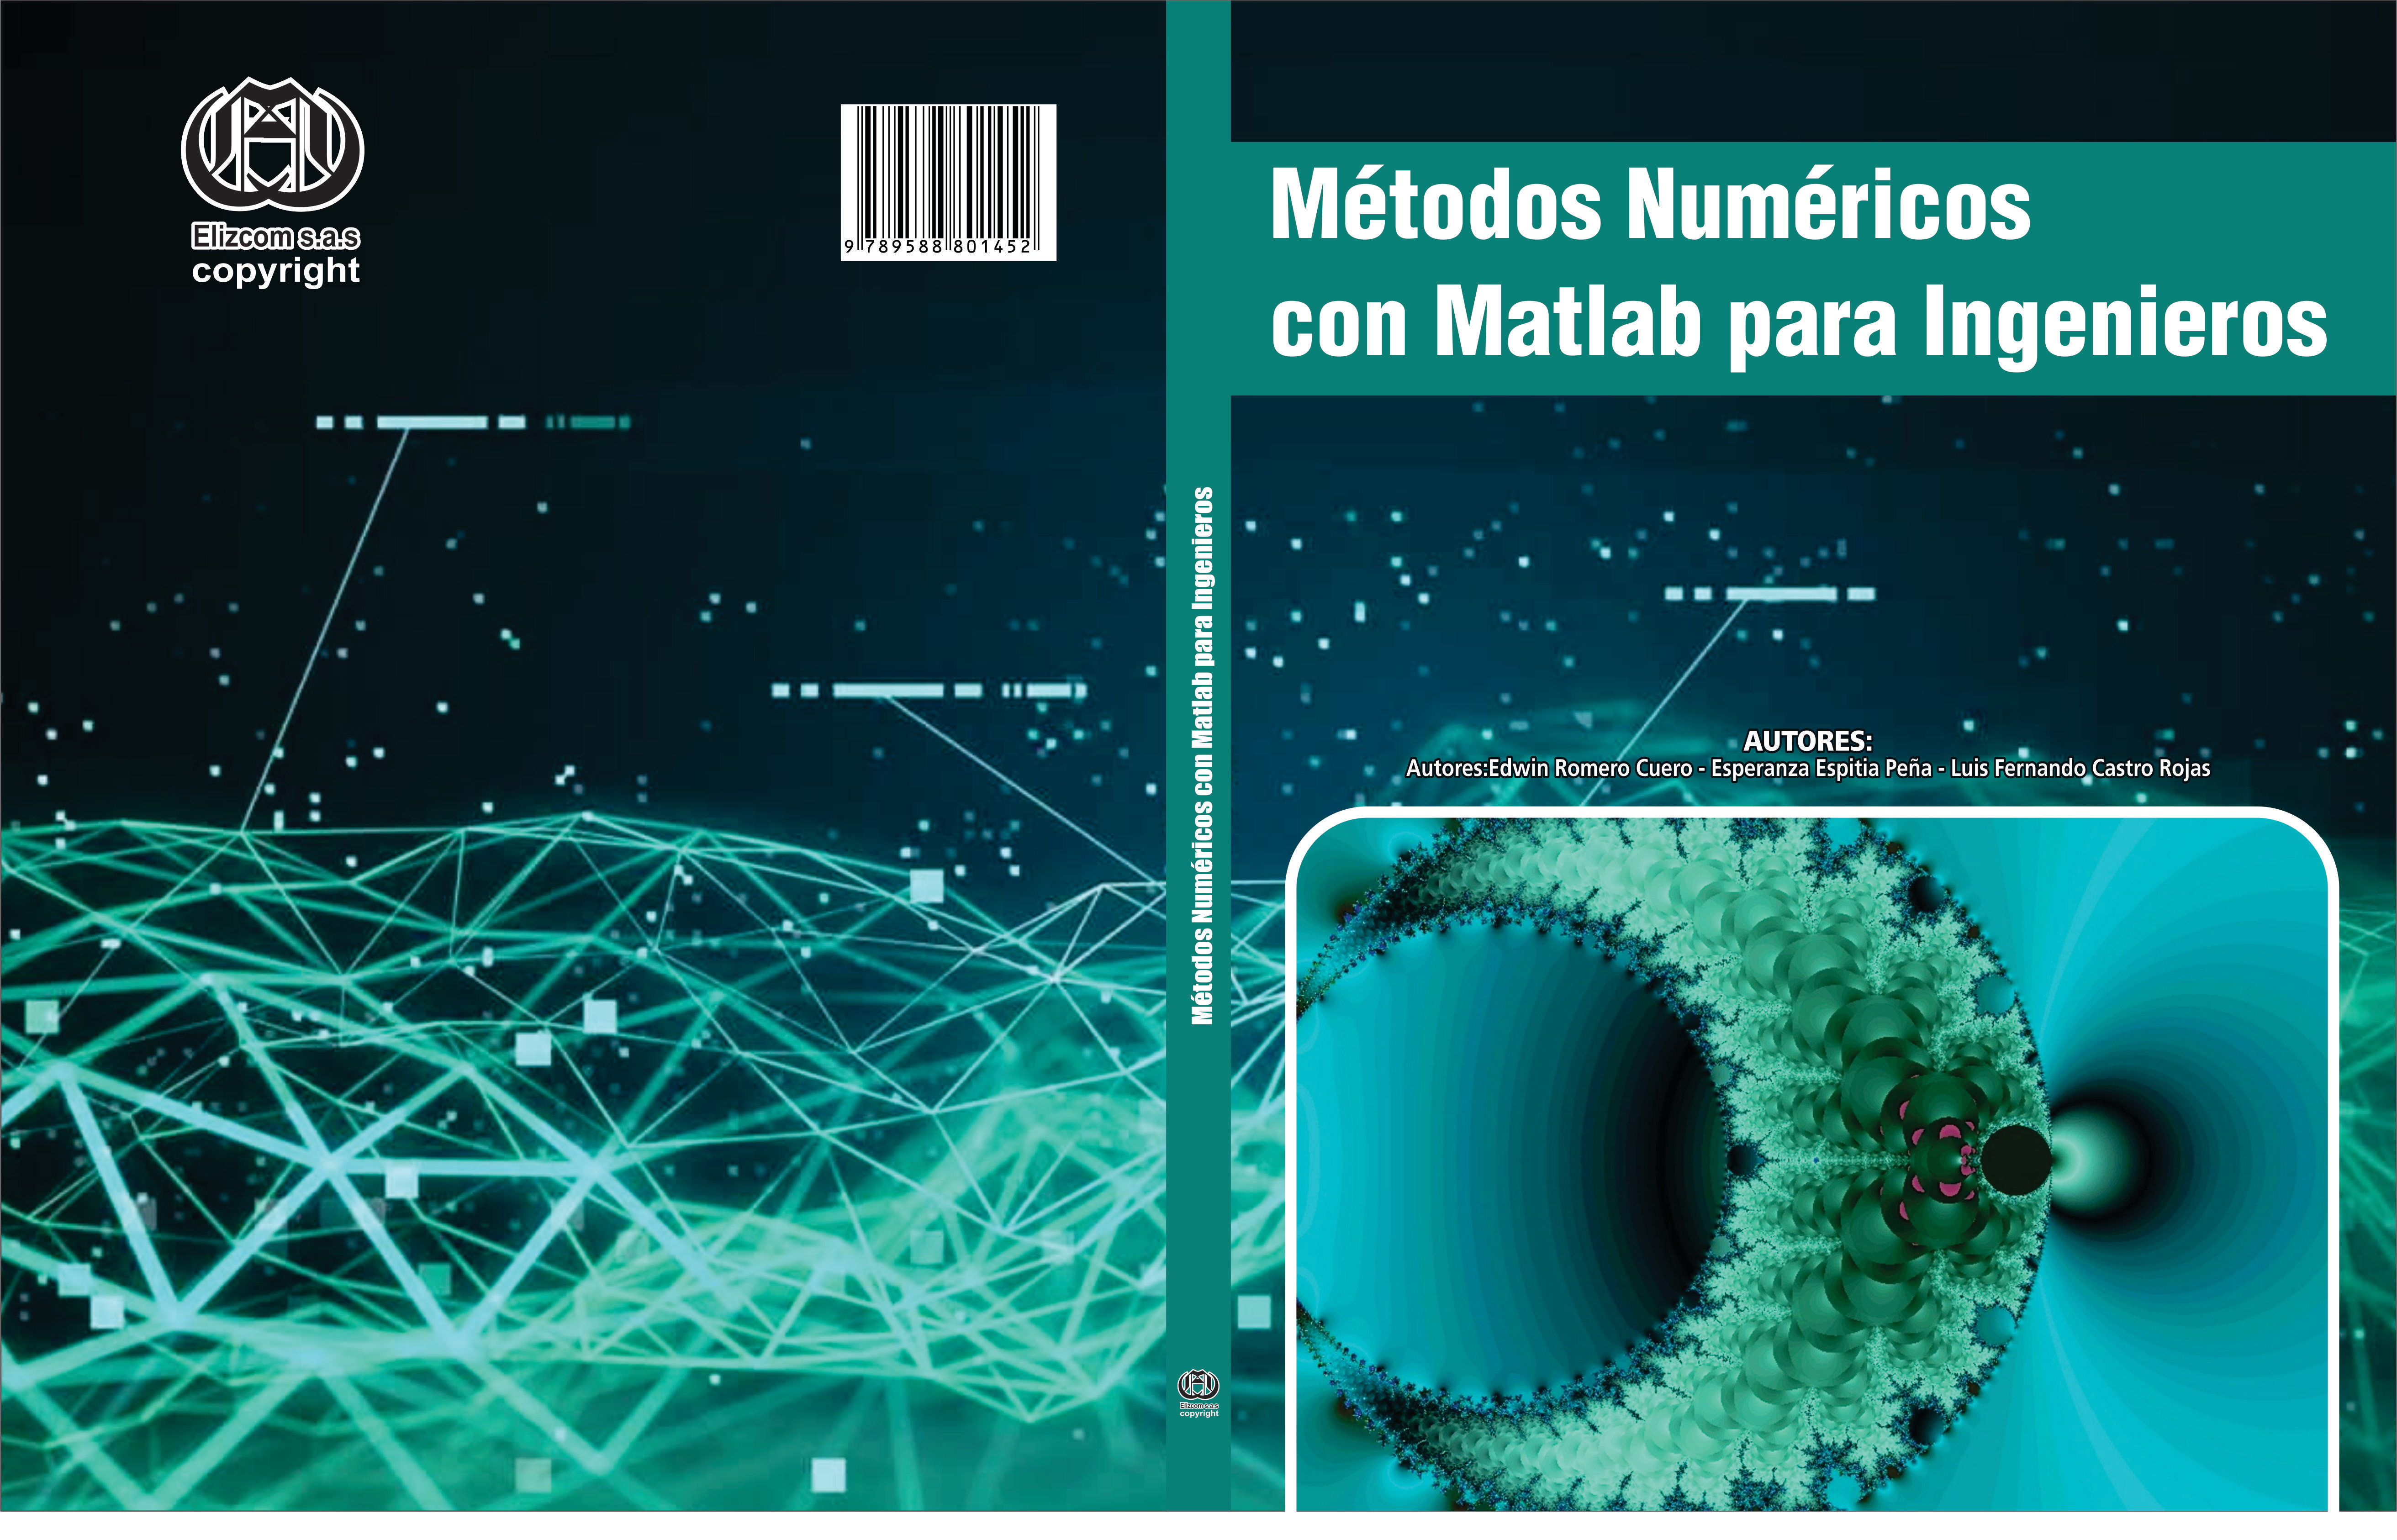 CARATULA_Métodos_Numéricos_con_Matlab